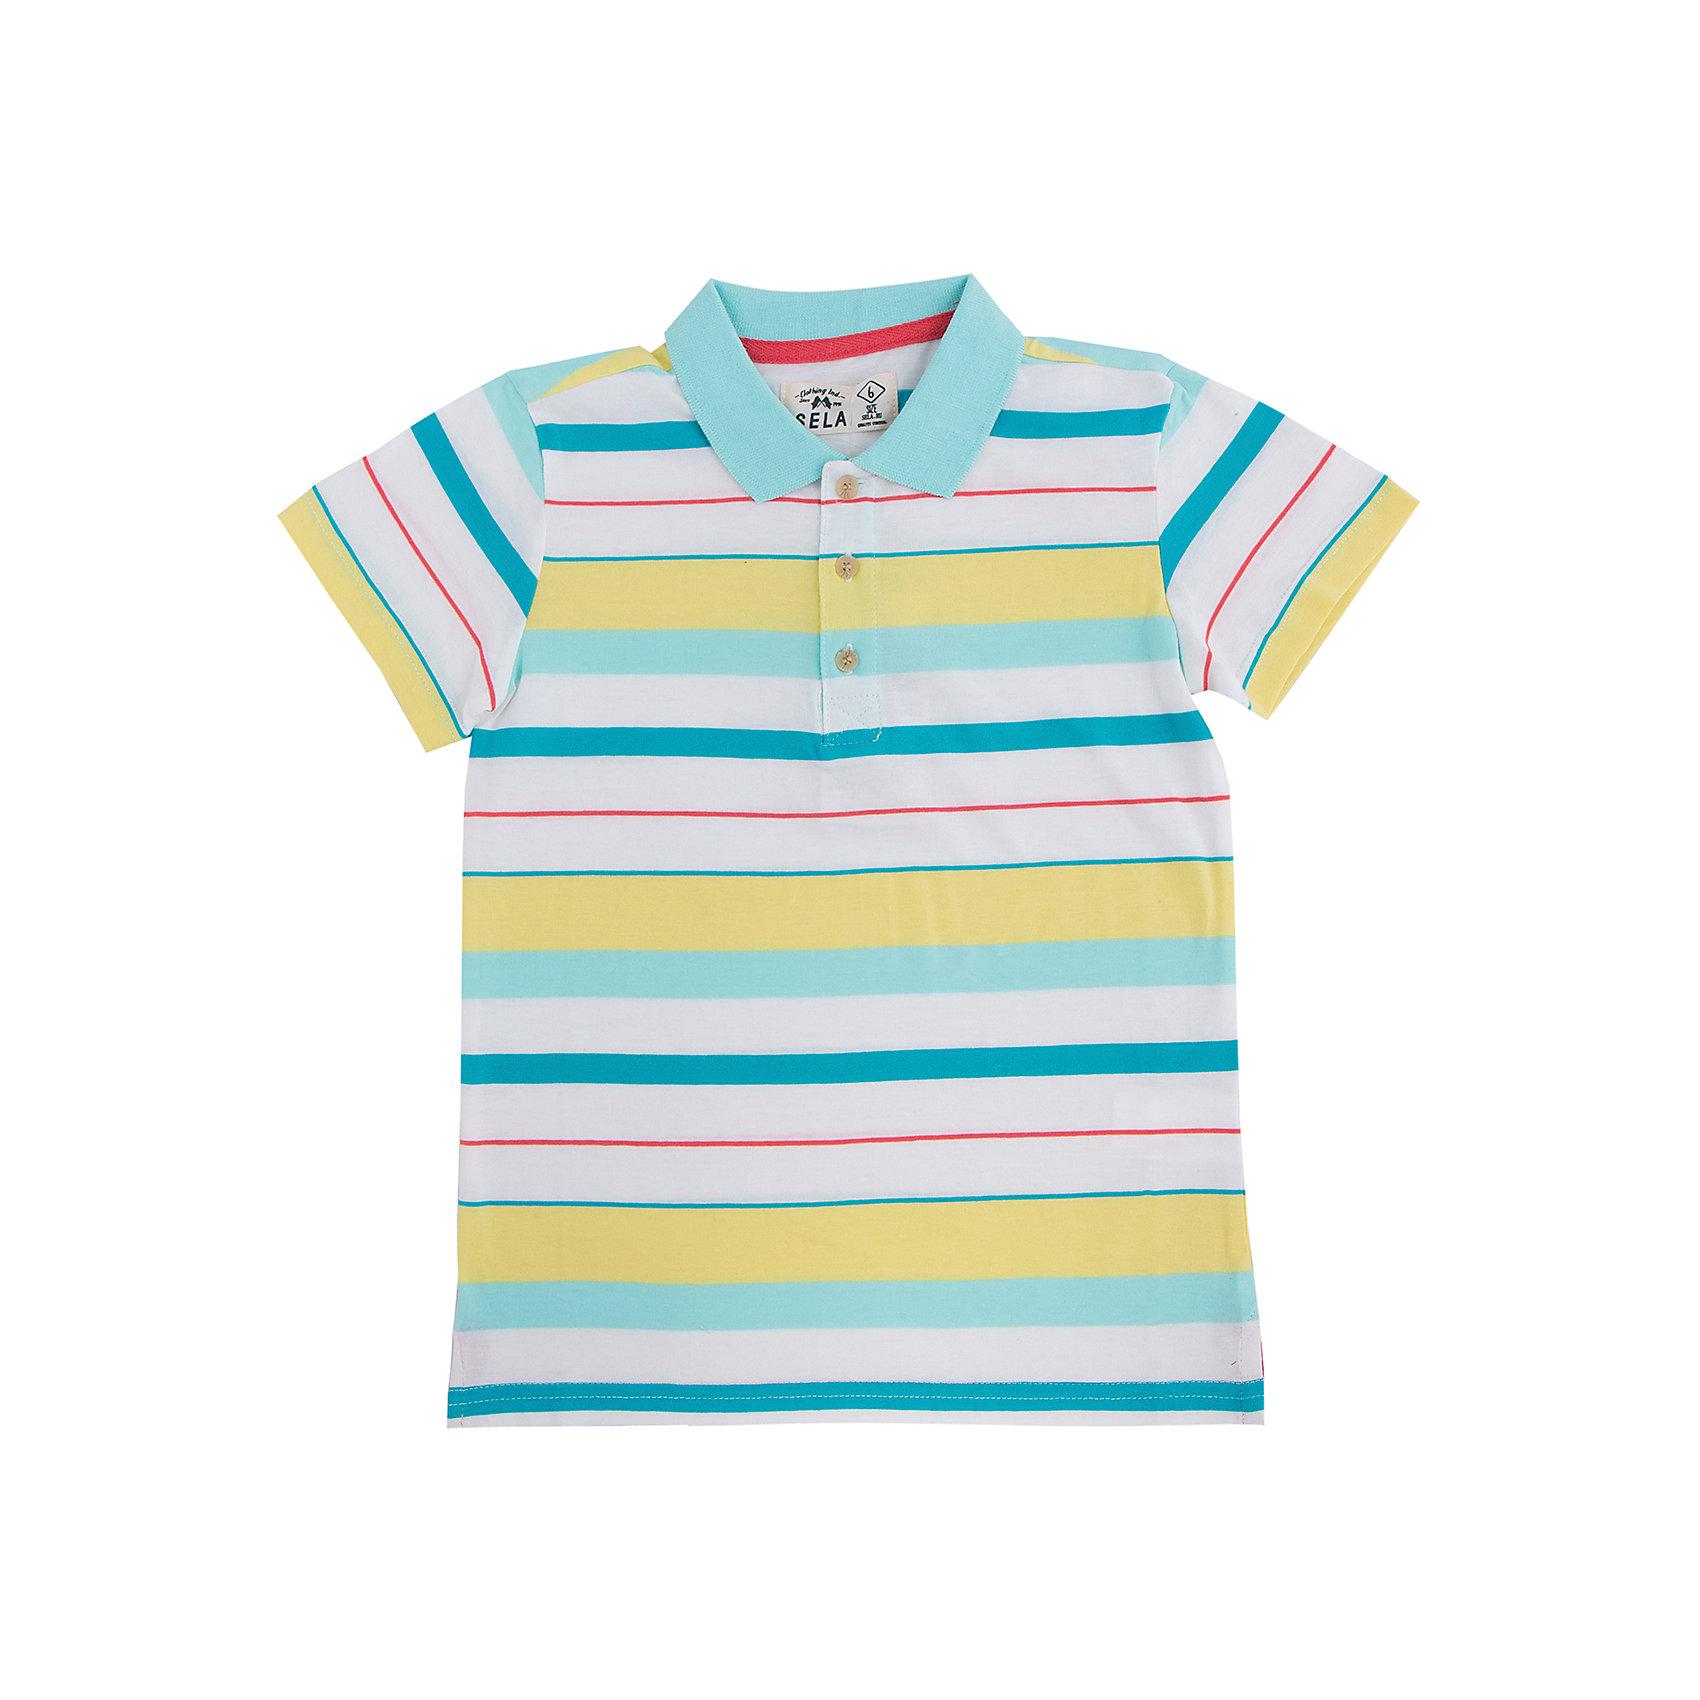 Рубашка-поло для мальчика SELAЯркая рубашка-поло для мальчика от популярного бренда SELA. Изделие выполнено из натурального гипоаллергенного трикотажа, очень мягкого, дышащего и приятного к телу, и обладает следующими особенностями:<br>- стильная полоска;<br>- аккуратный воротничок;<br>- 3 пуговицы на груди;<br>- разрезы по бокам;<br>- комфортный крой, гарантирующий свободу движений.<br>Великолепный выбор для активного и модного лета!<br><br>Дополнительная информация:<br>- состав: 100% хлопок<br>- цвет: белый + желтый + голубой<br><br>Рубашку-поло для мальчика SELA (СЕЛА) можно купить в нашем магазине<br><br>Ширина мм: 174<br>Глубина мм: 10<br>Высота мм: 169<br>Вес г: 157<br>Цвет: зеленый<br>Возраст от месяцев: 132<br>Возраст до месяцев: 144<br>Пол: Мужской<br>Возраст: Детский<br>Размер: 152,116,122,128,134,140,146<br>SKU: 4737234